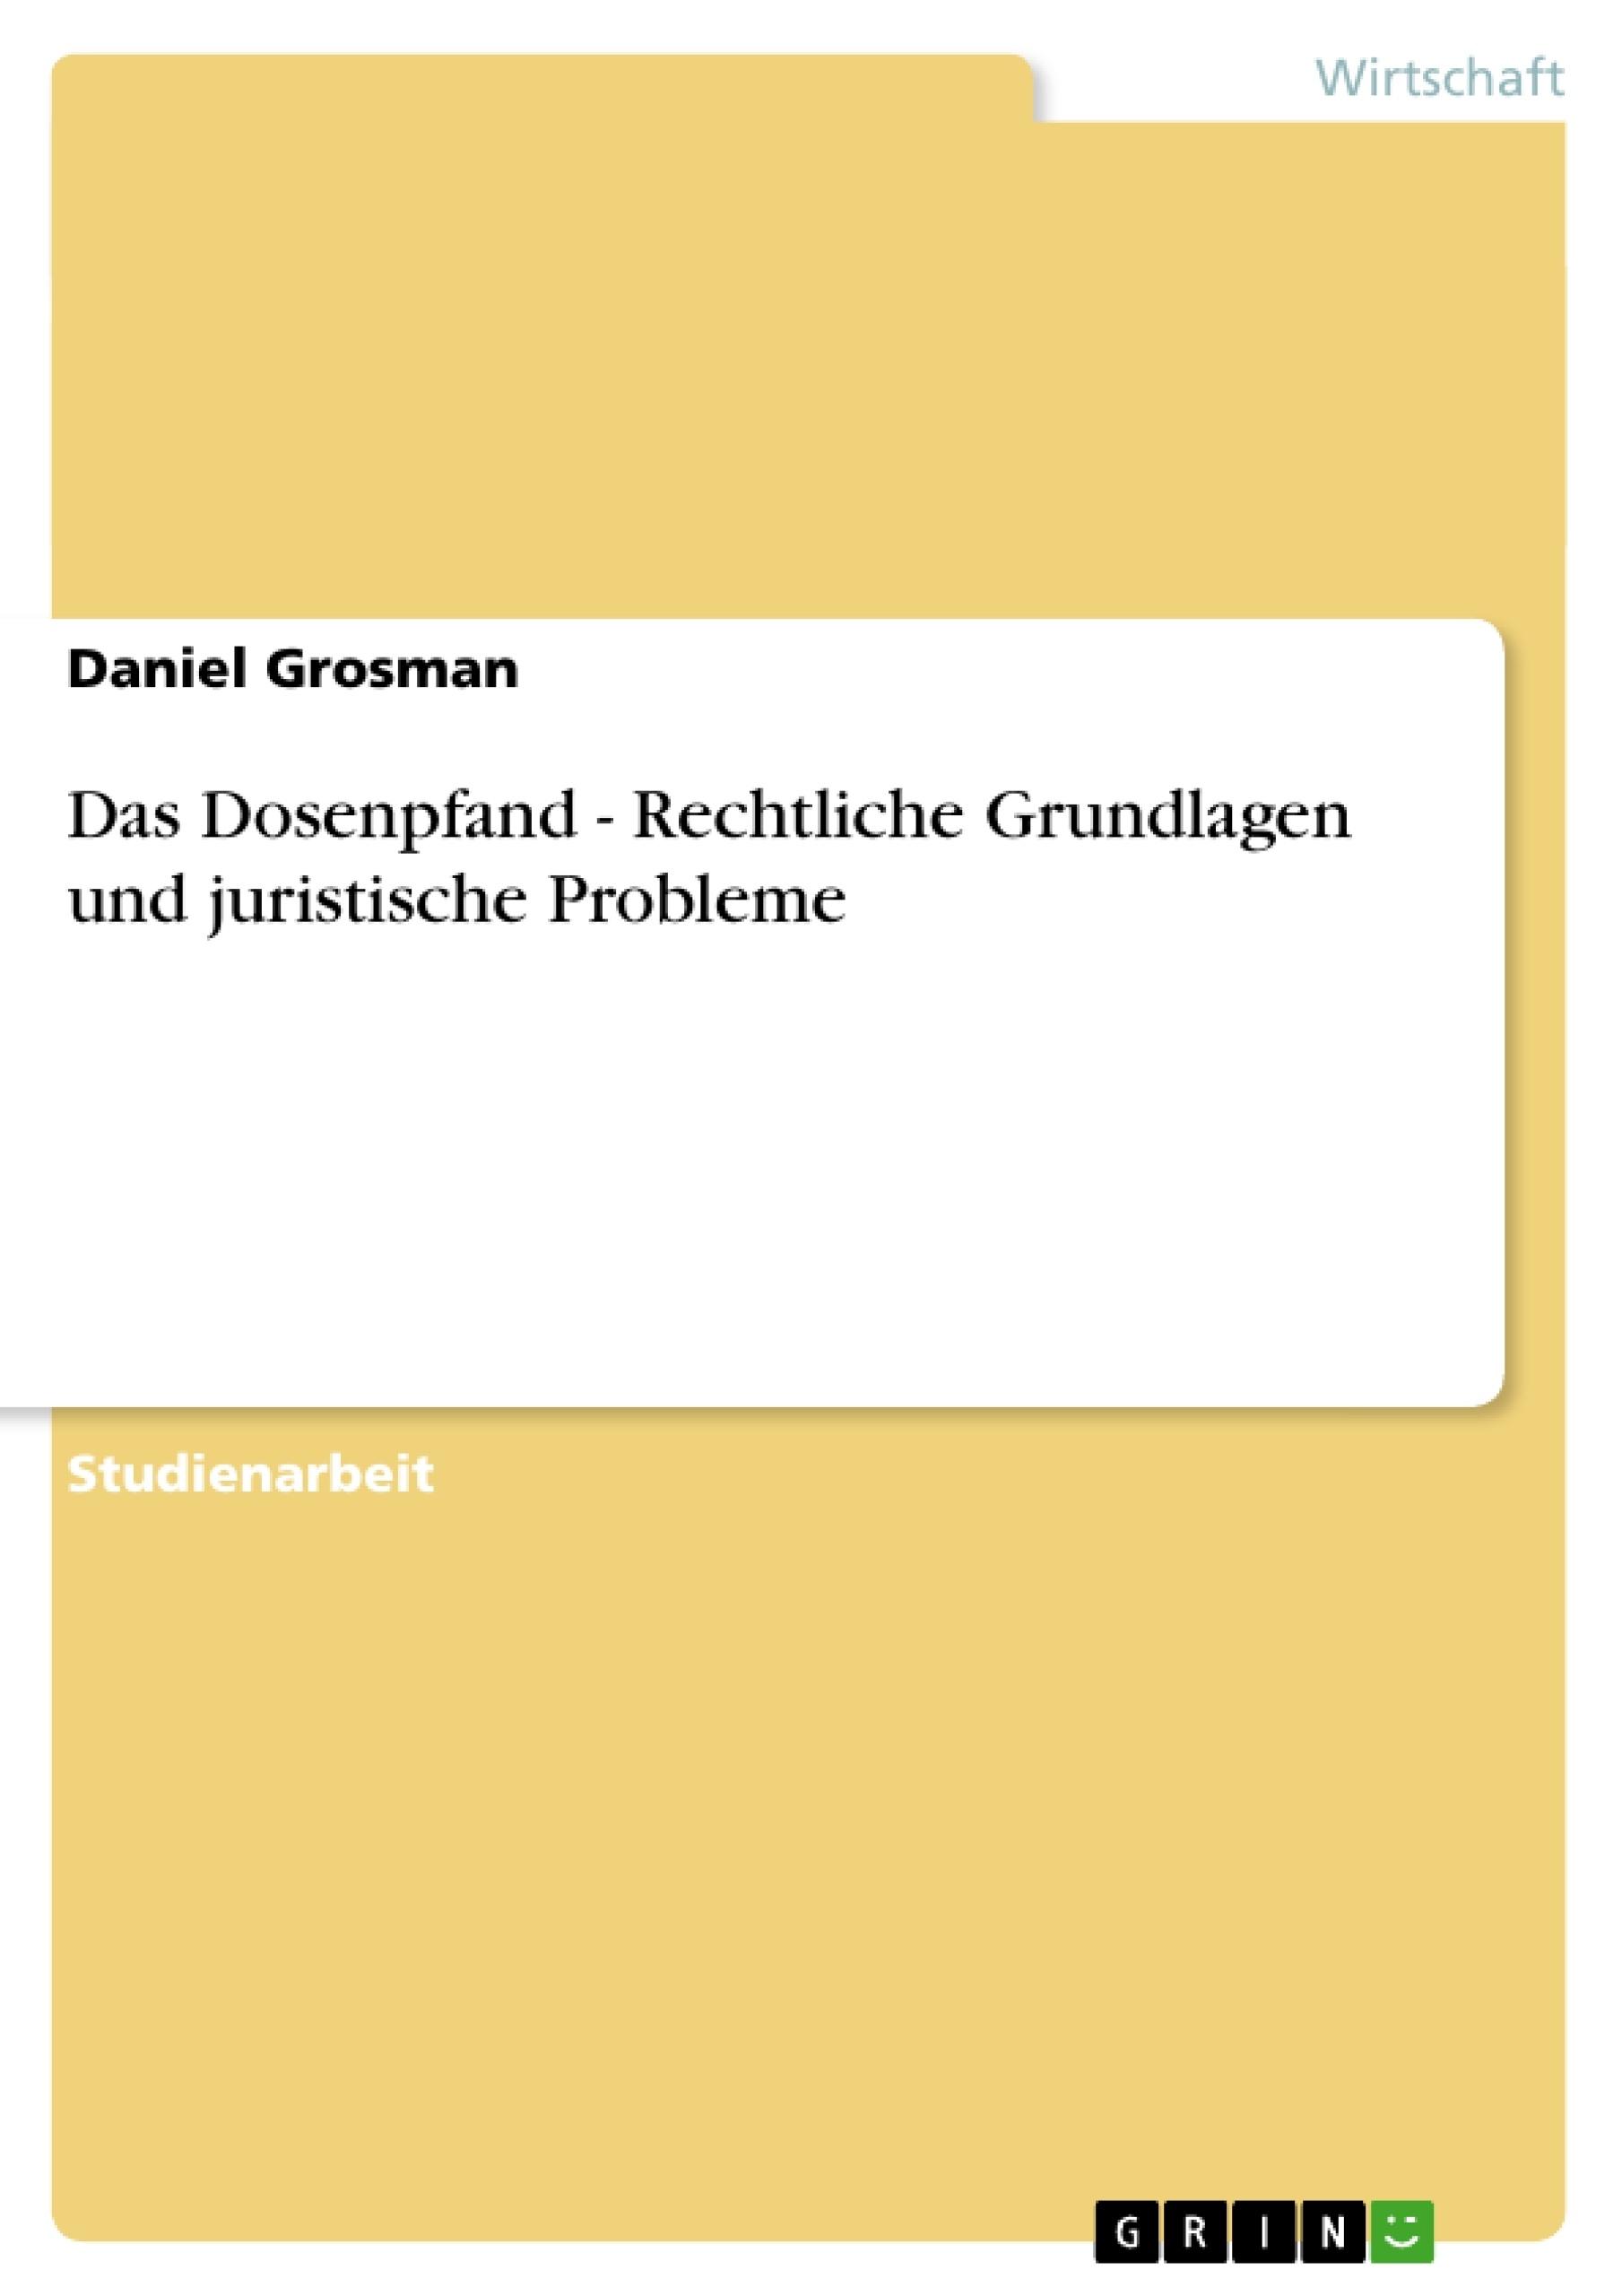 Titel: Das Dosenpfand - Rechtliche Grundlagen und juristische Probleme